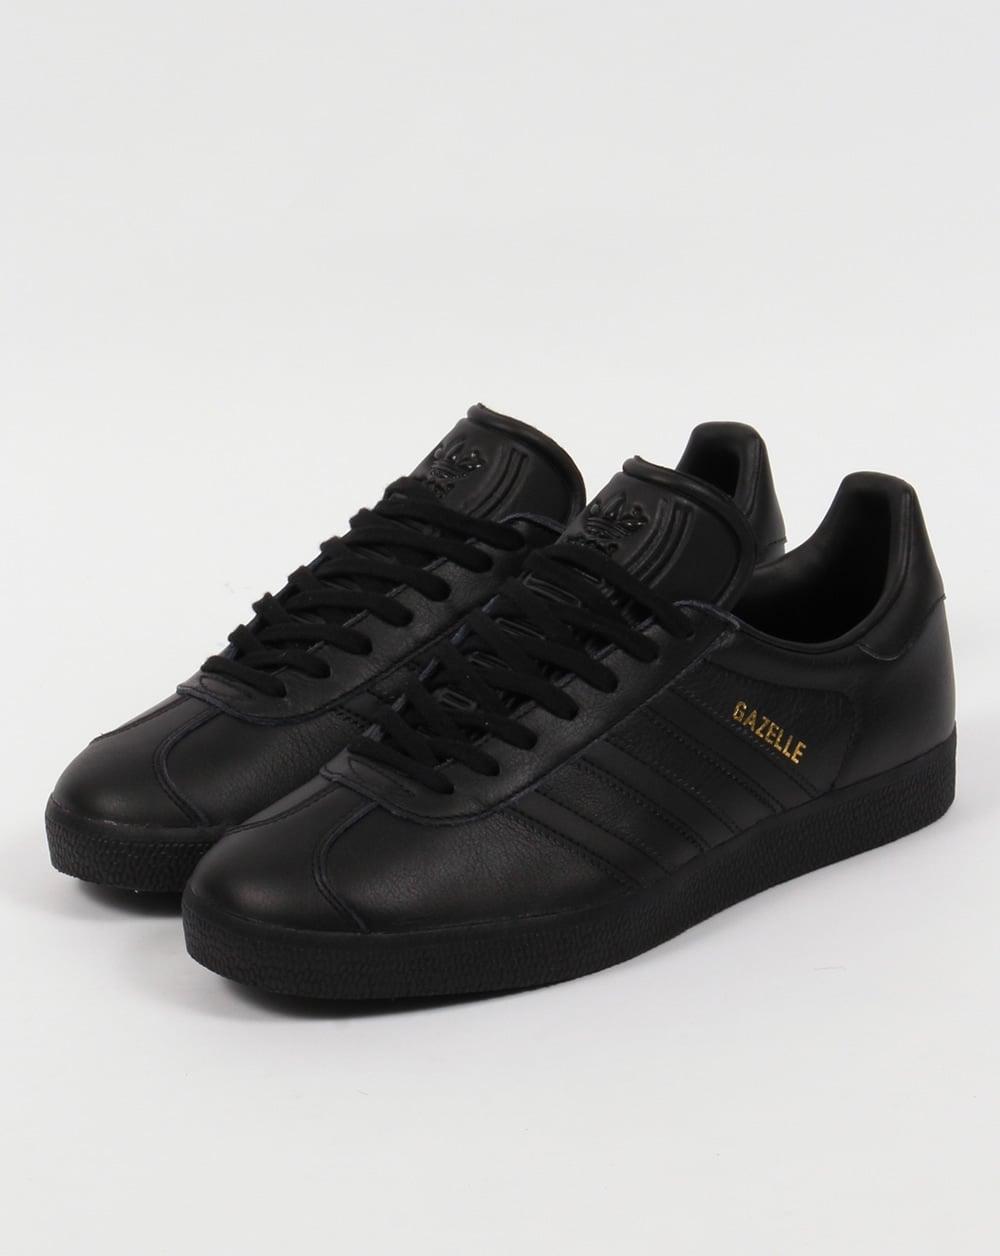 Superga Shoes Black Leather